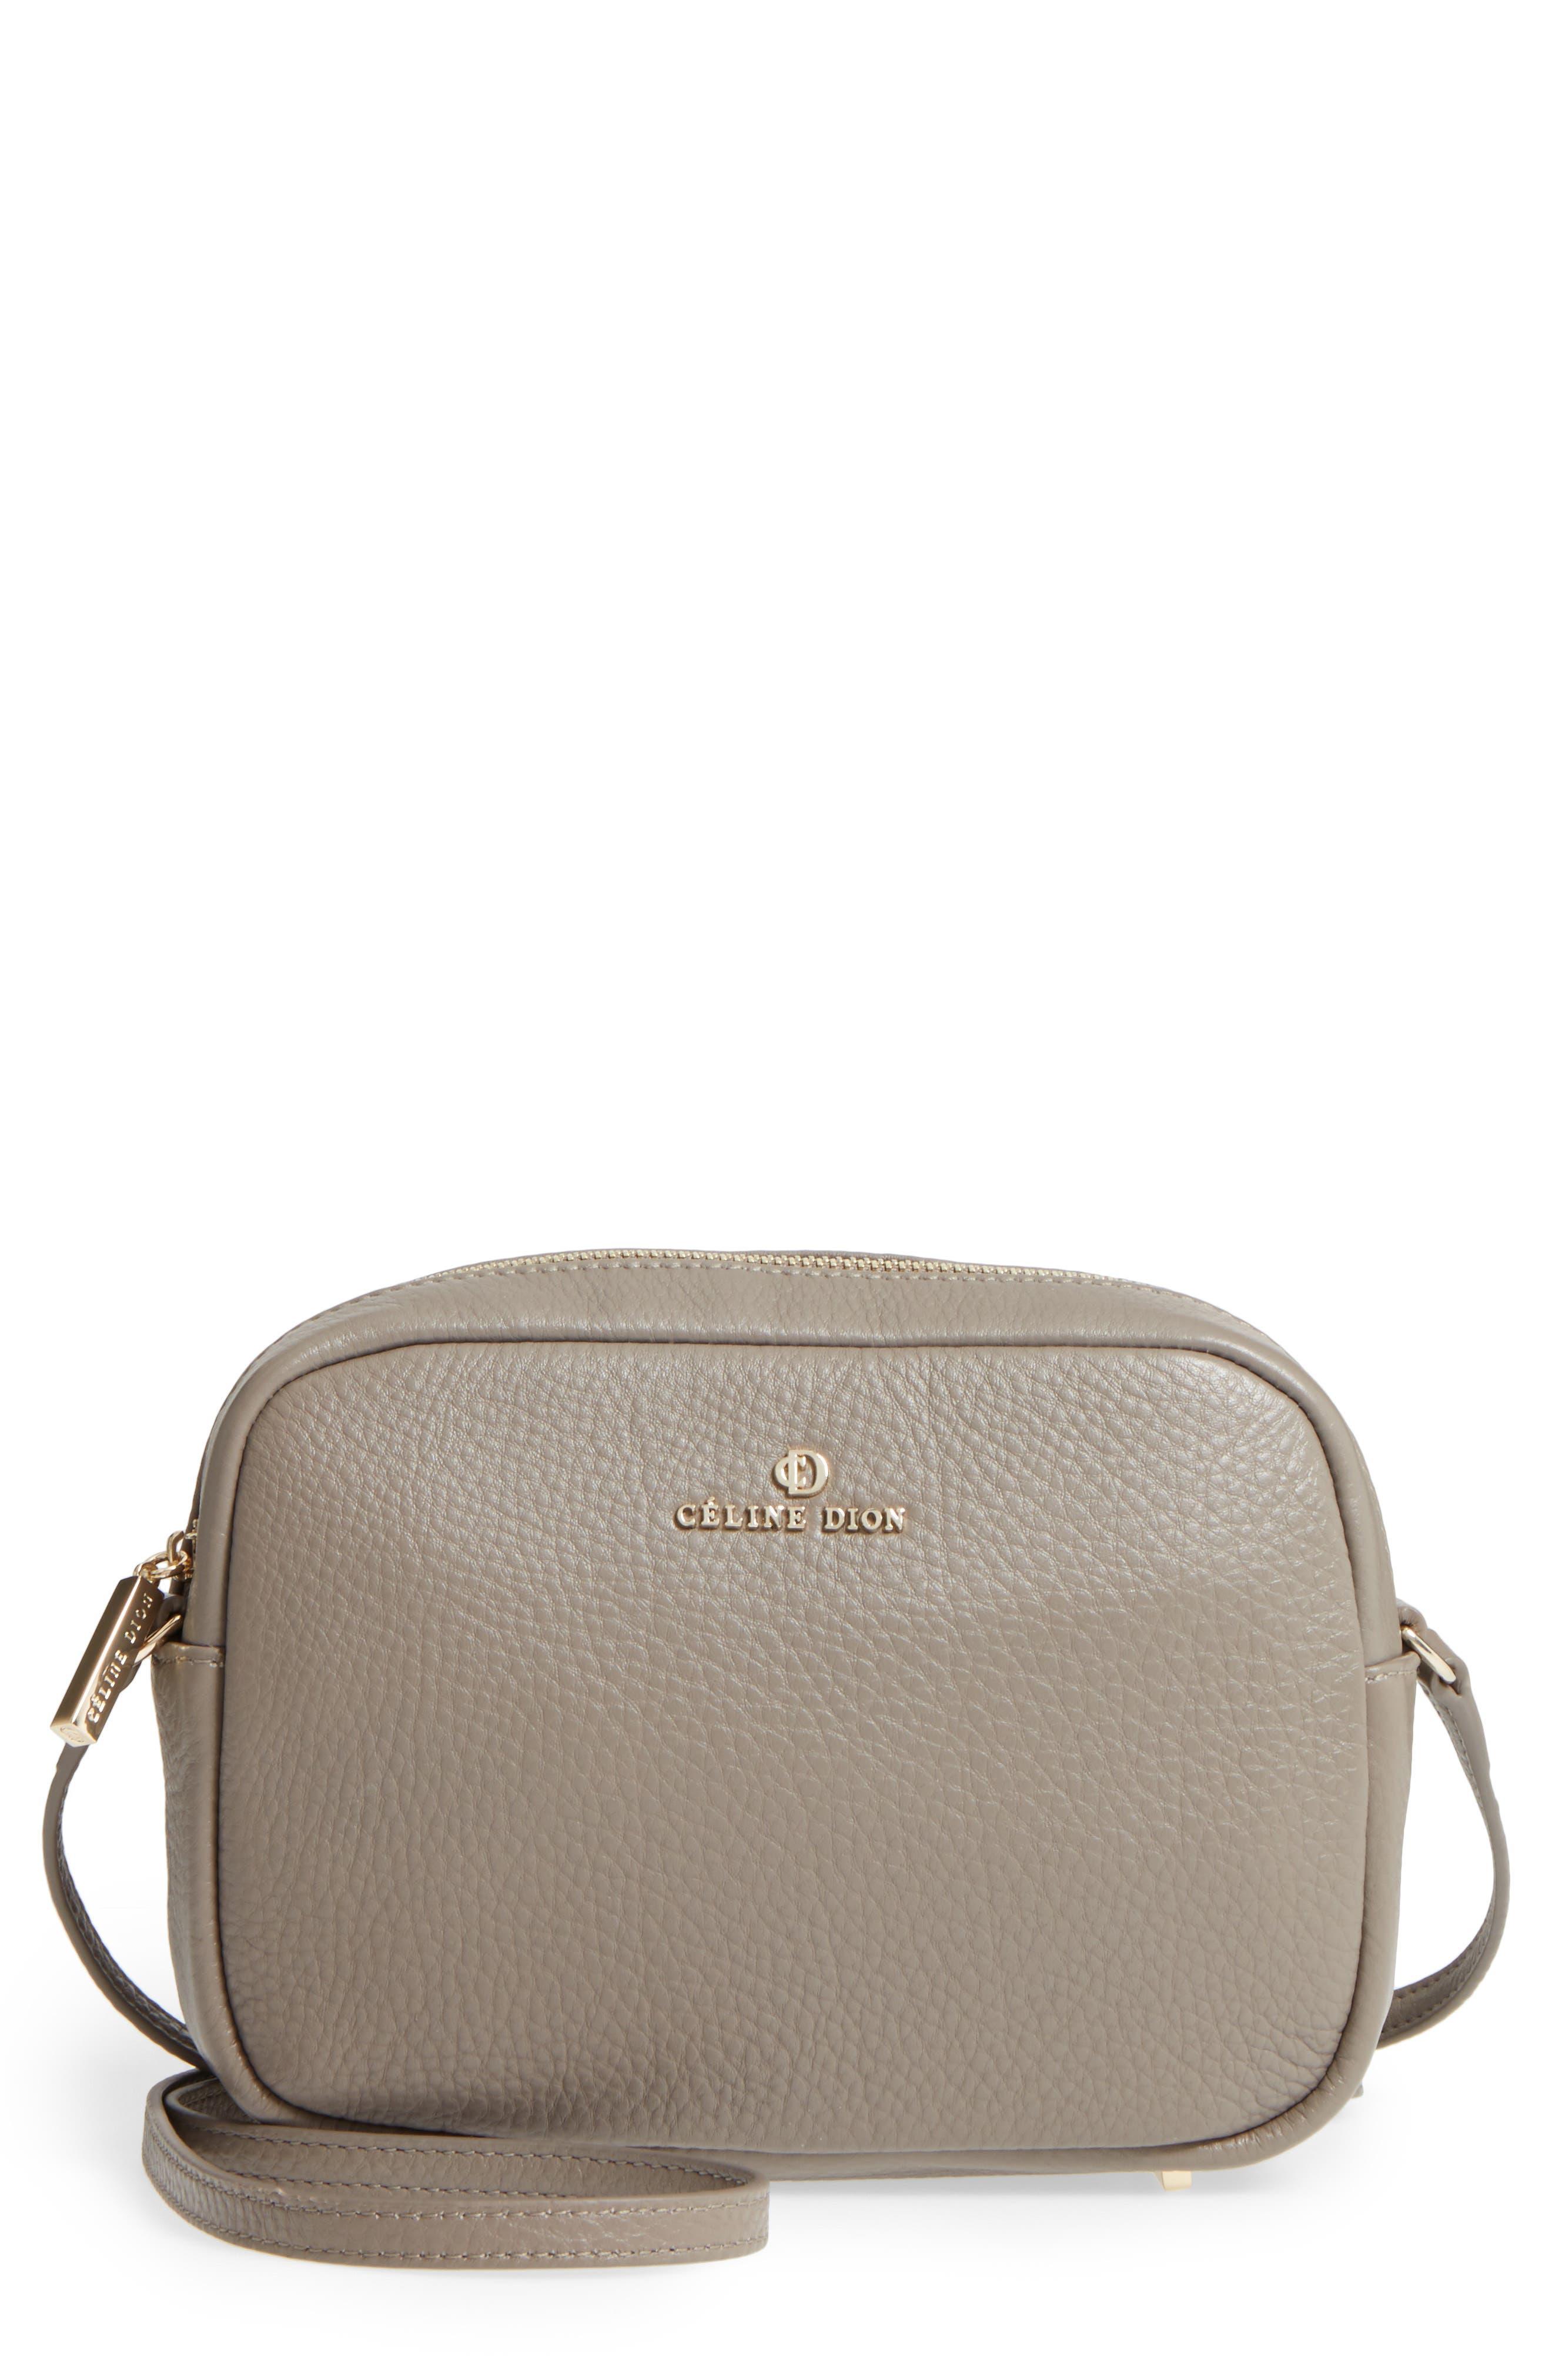 Céline Dion Adagio Leather Camera Crossbody Bag